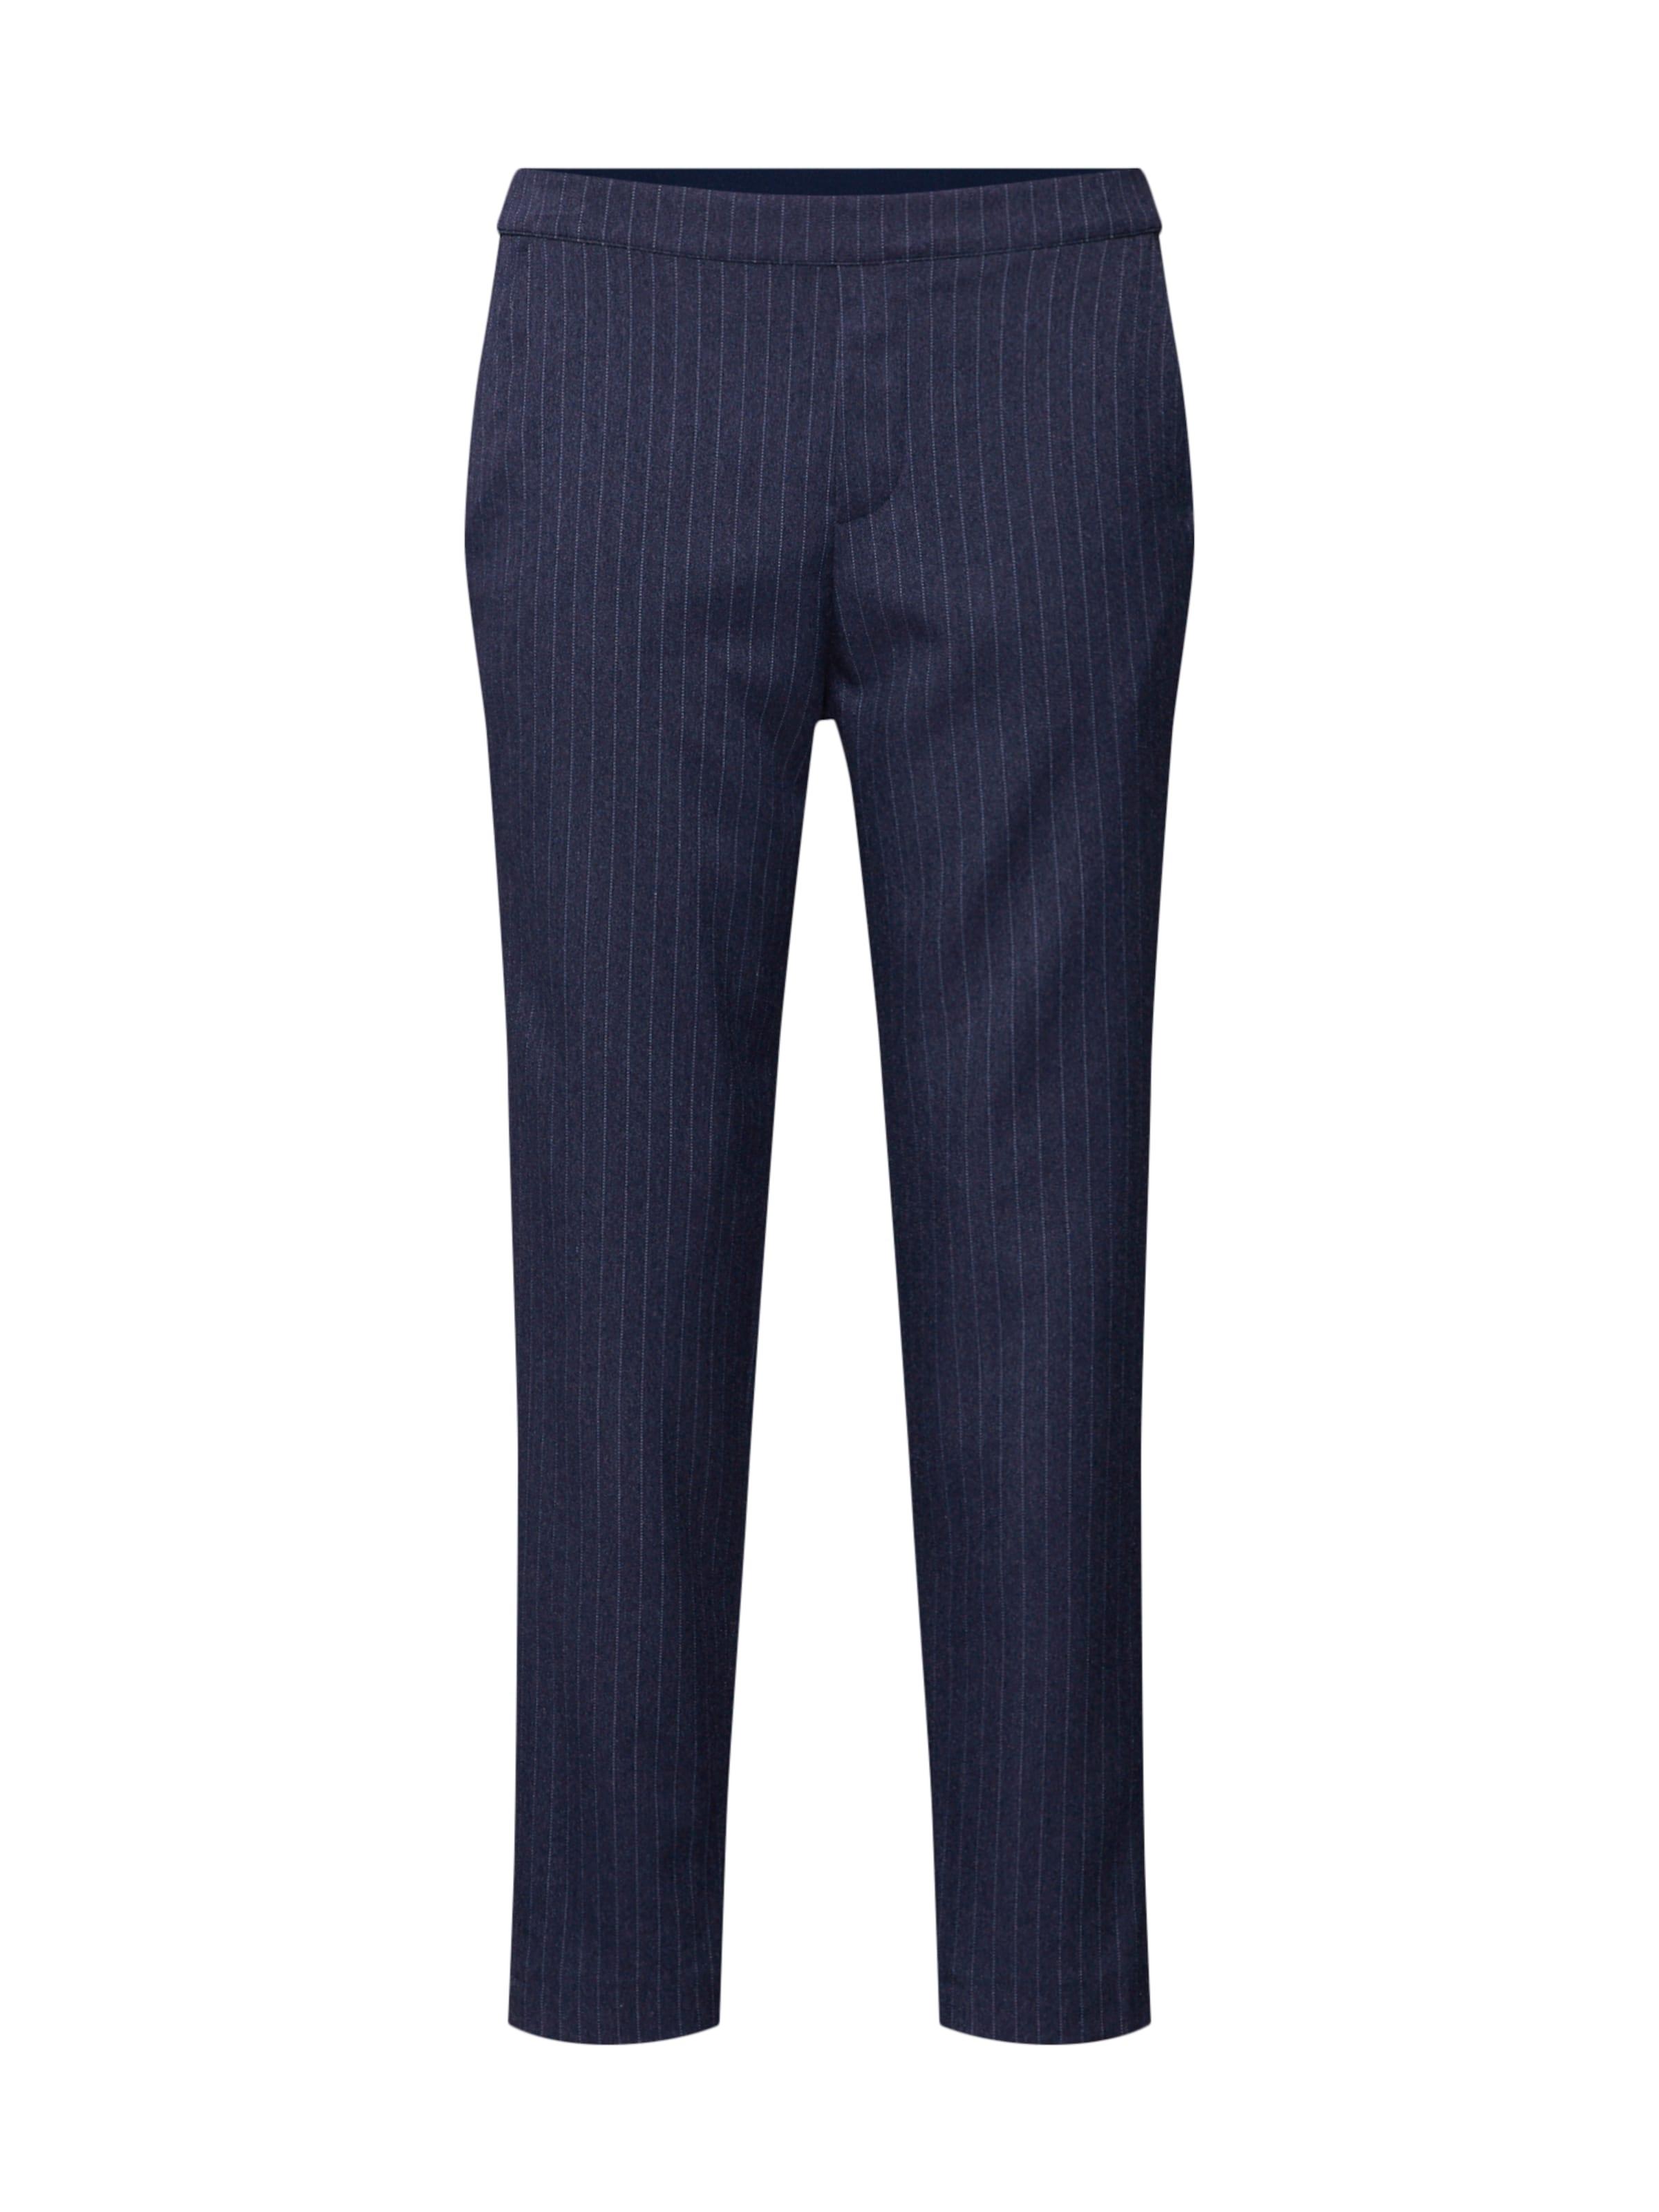 En Pantalon Esprit Marine Edc By Bleu BCxdoe